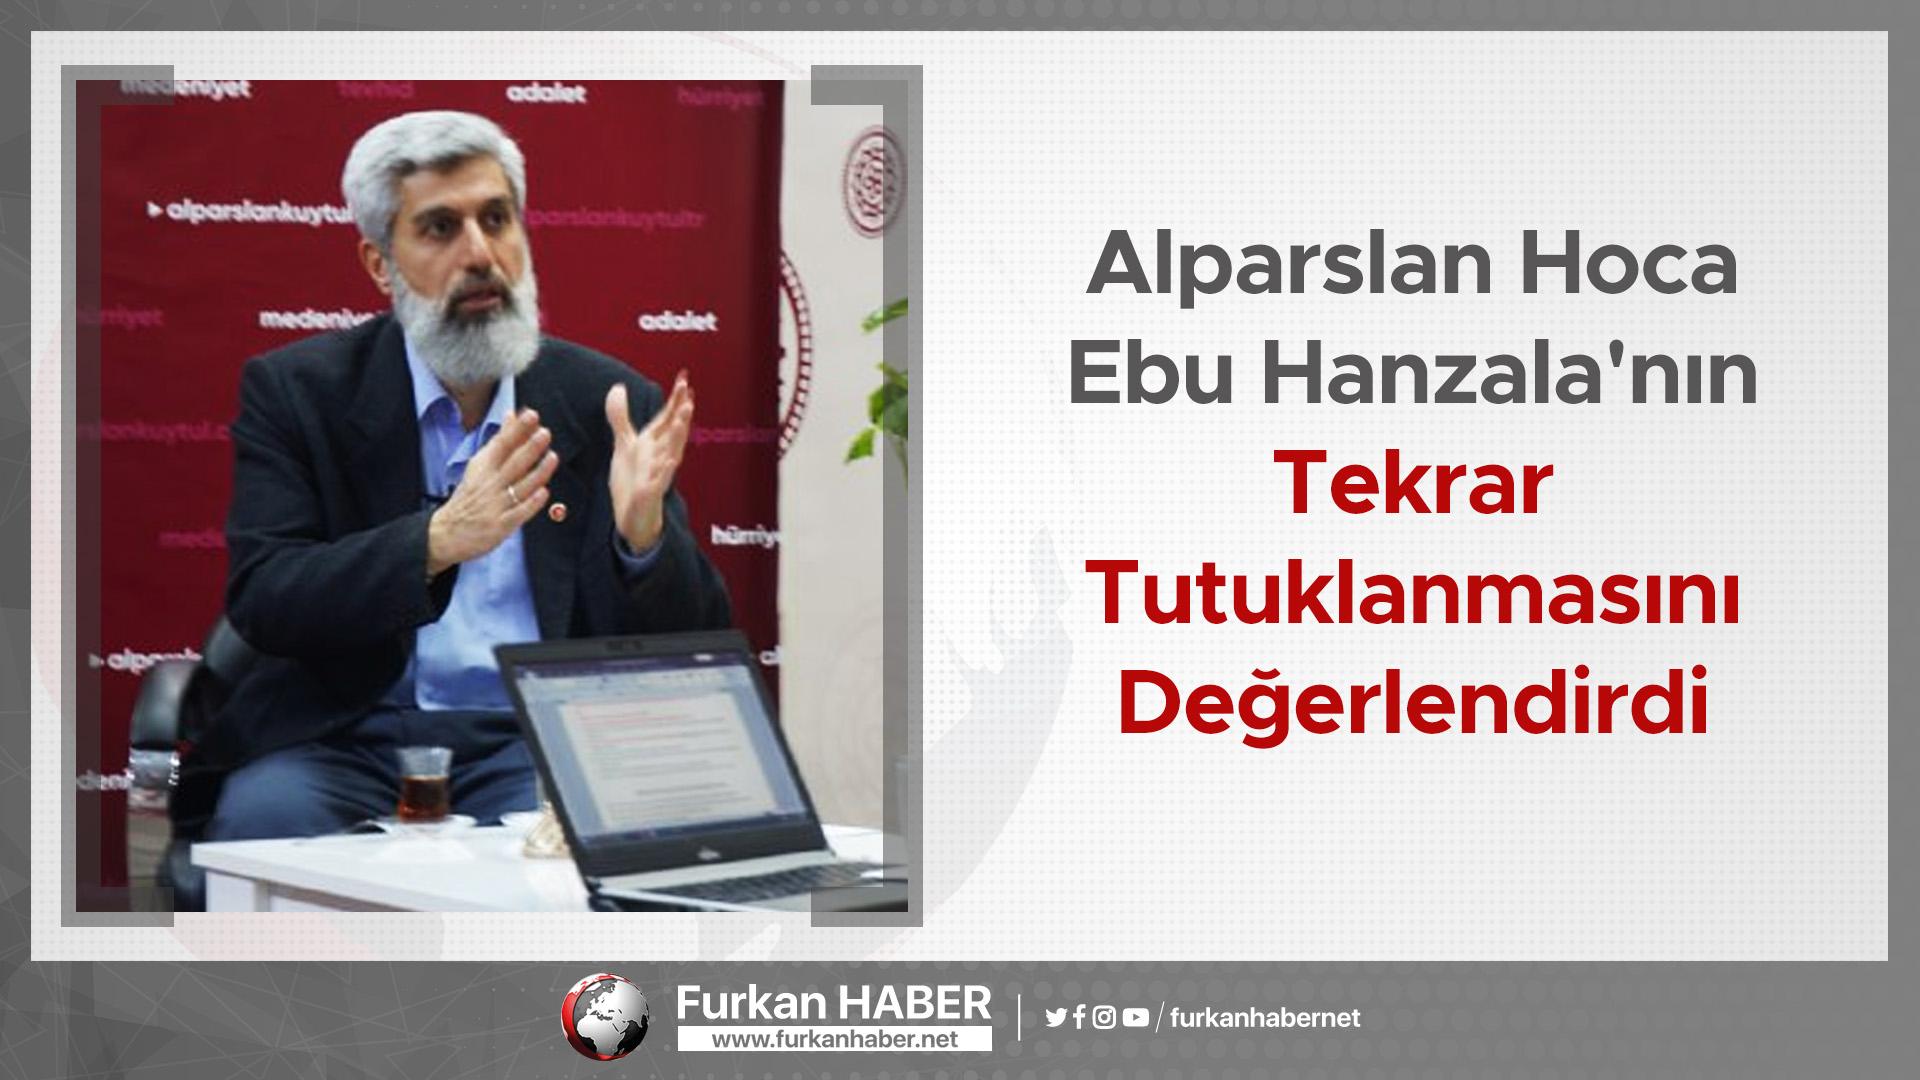 Alparslan Hoca Ebu Hanzala'nın Tekrar Tutuklanmasını Değerlendirdi